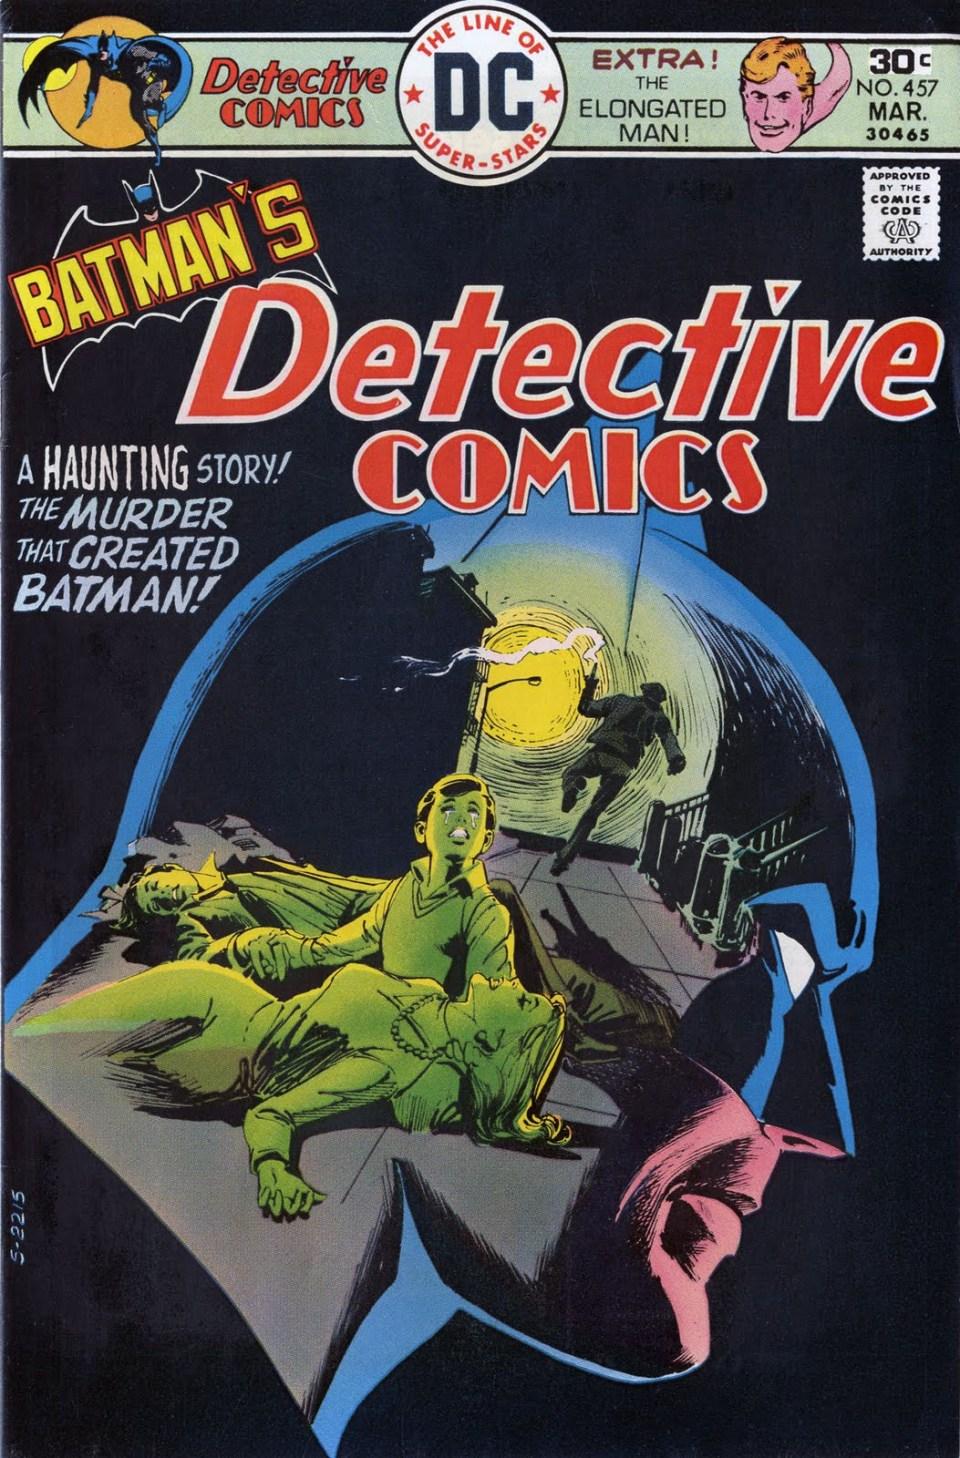 DETECTIVE-COMICS-457-001